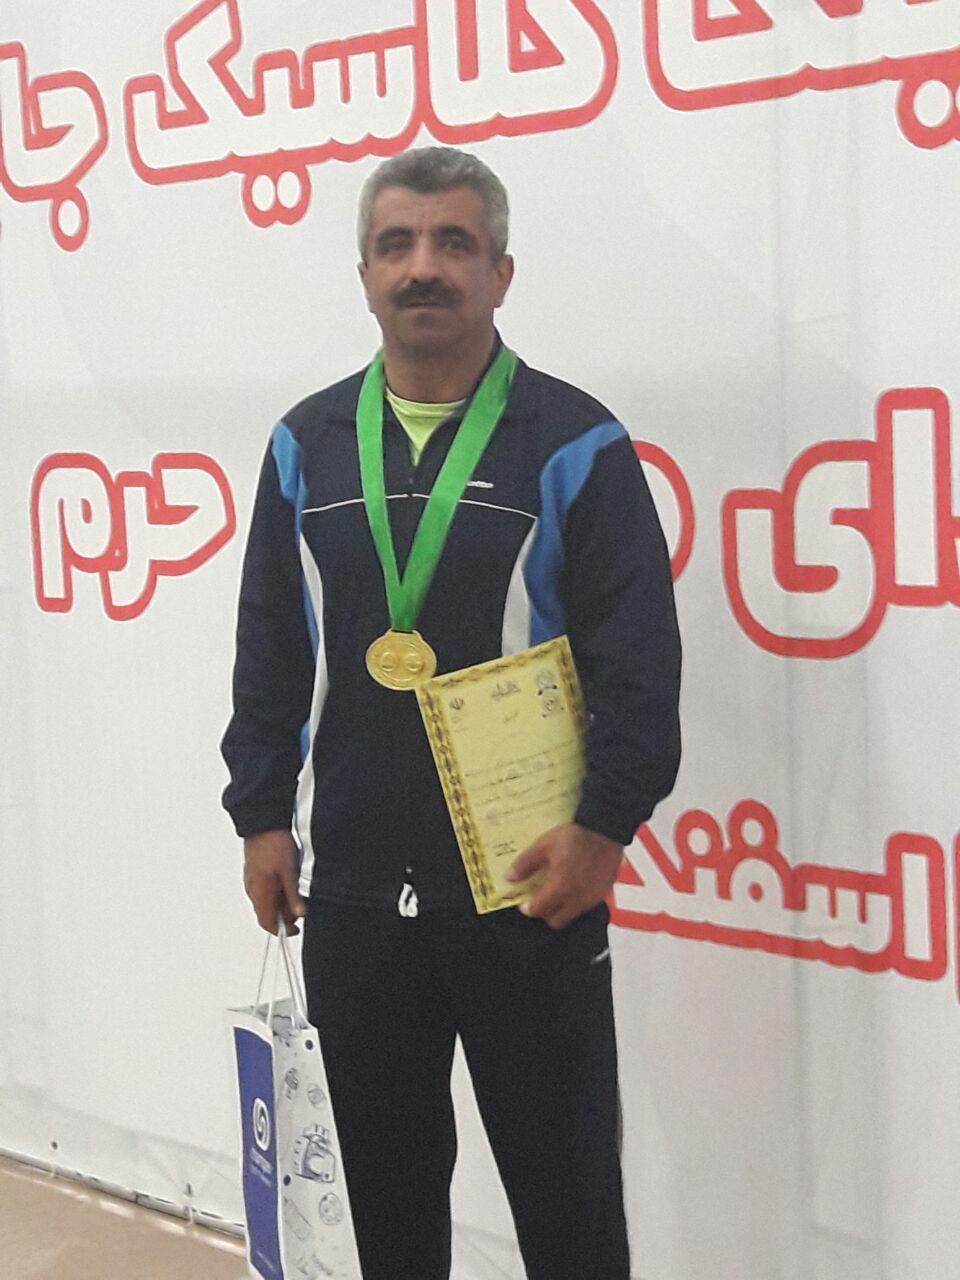 کسب مدال طلای  ورزشکار پیشکسوت سقزی در مسابقات پاورلیفتینگ قهرمانی کشور